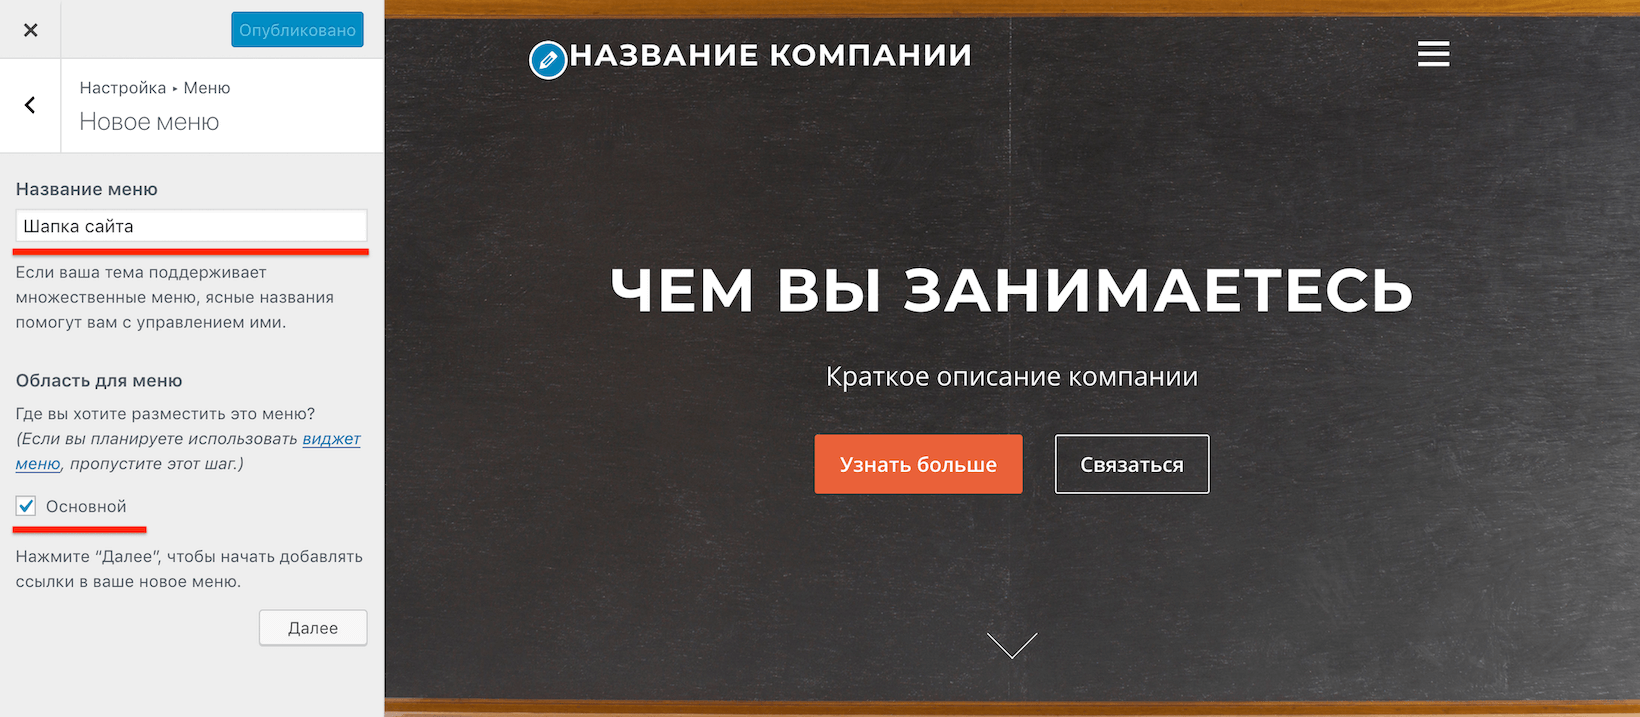 Создание меню в шапке страницы с помощью редактора страниц в WordPress